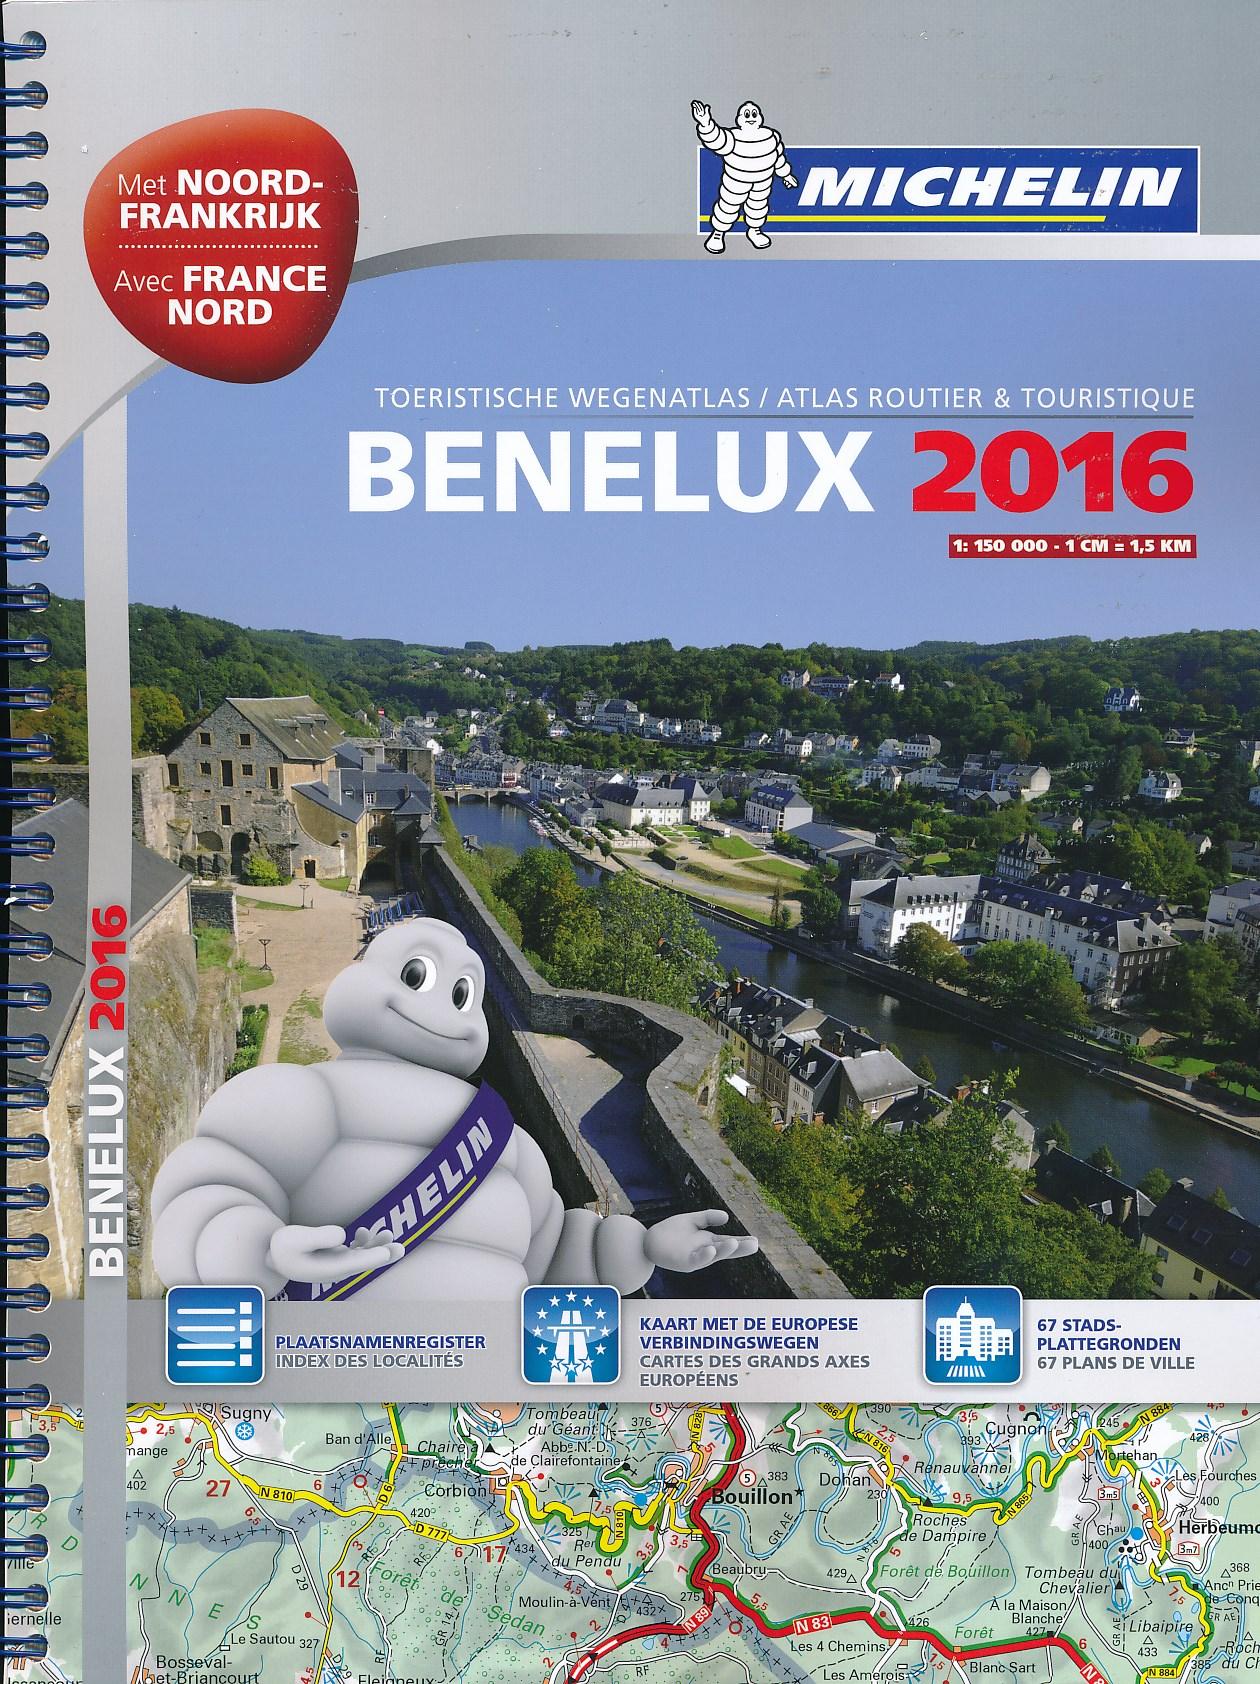 Wegenatlas Benelux 2016 - Nederland, België & Luxemburg - met noord Frankrijk   Michelin